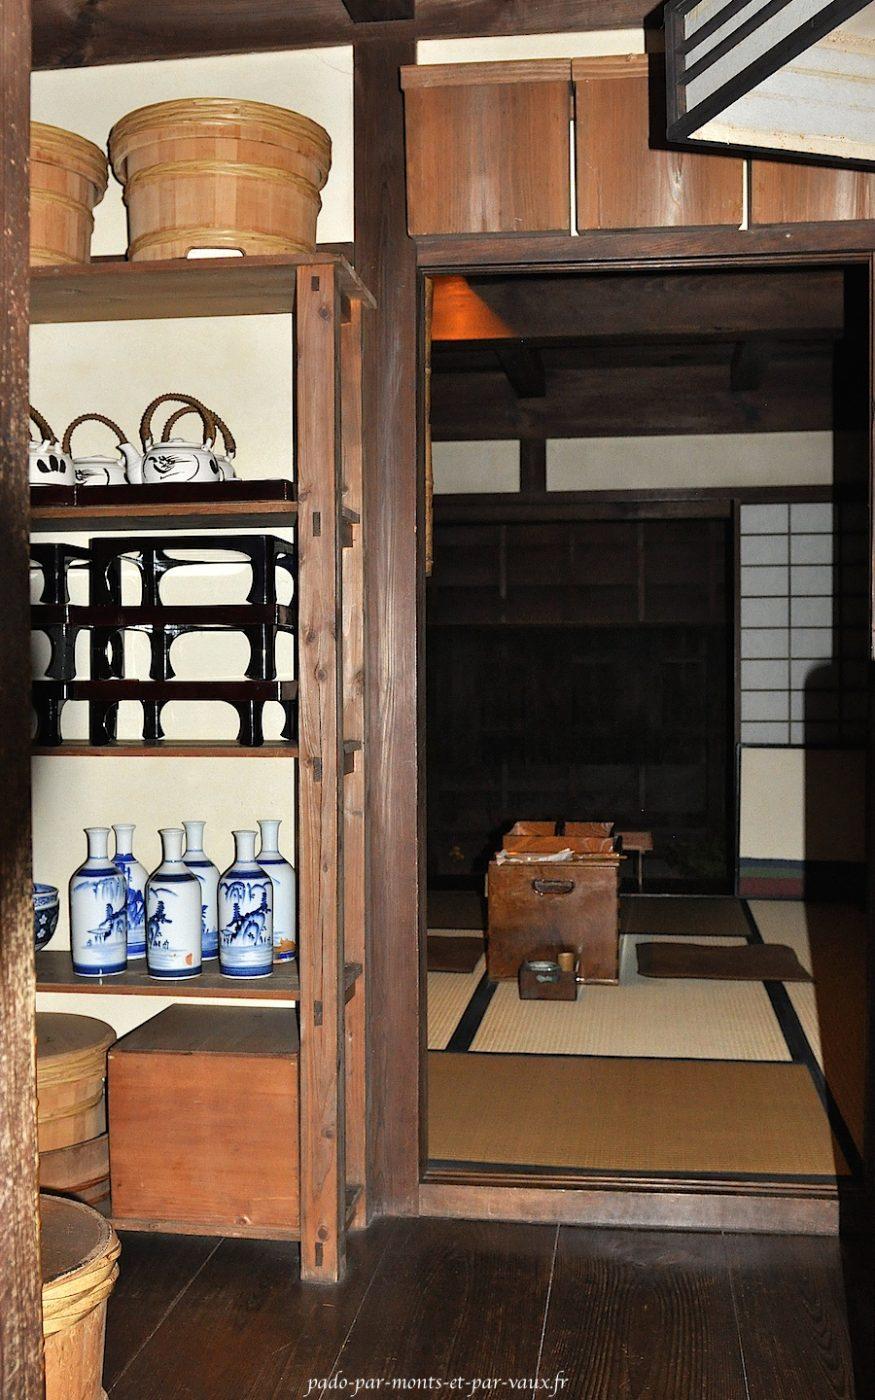 Fukagawa Edo museum intérieur d'une maison